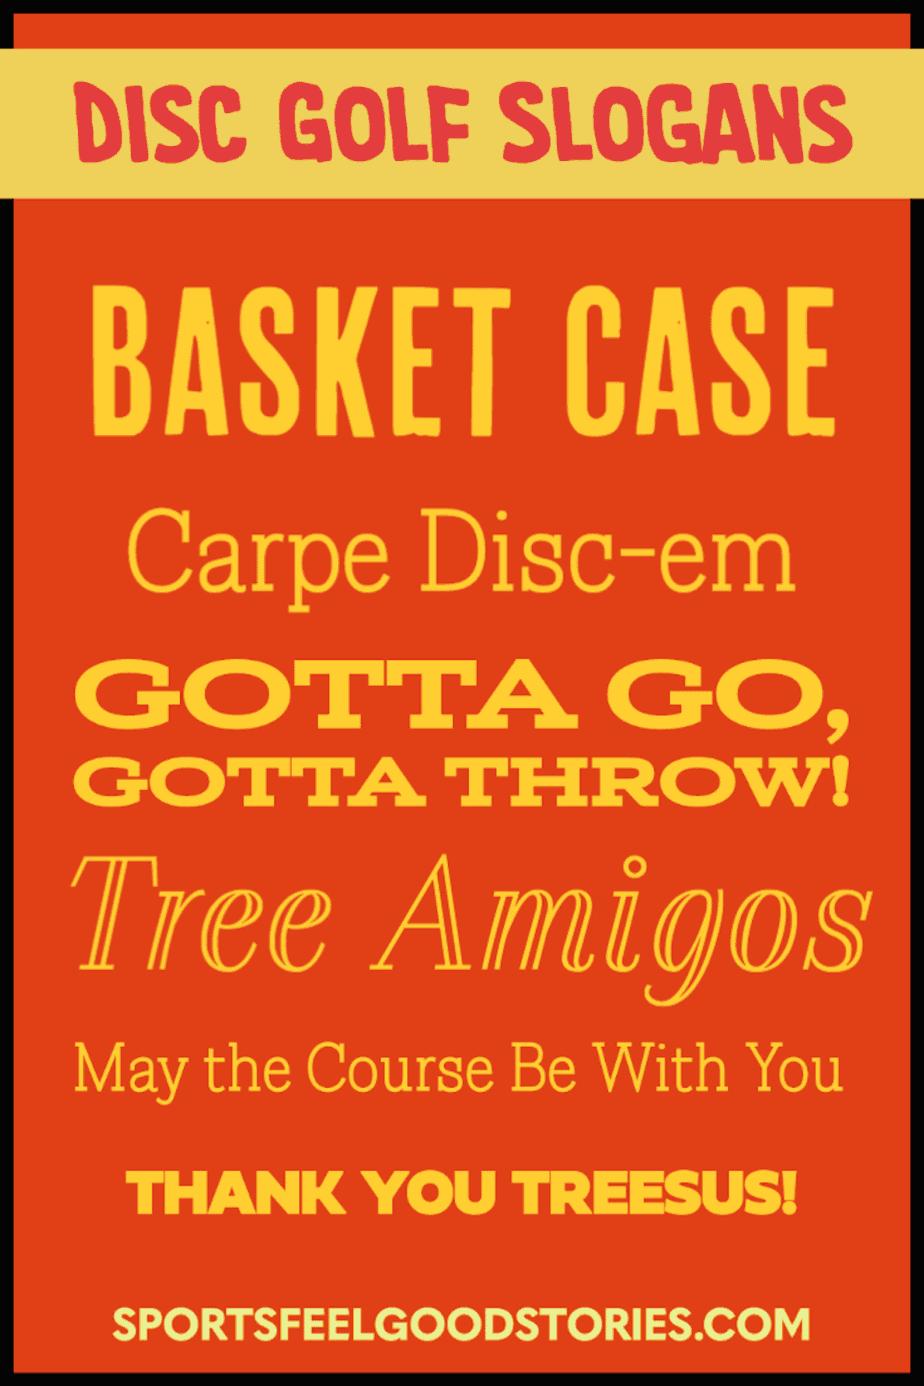 Best Disc Golf Slogans